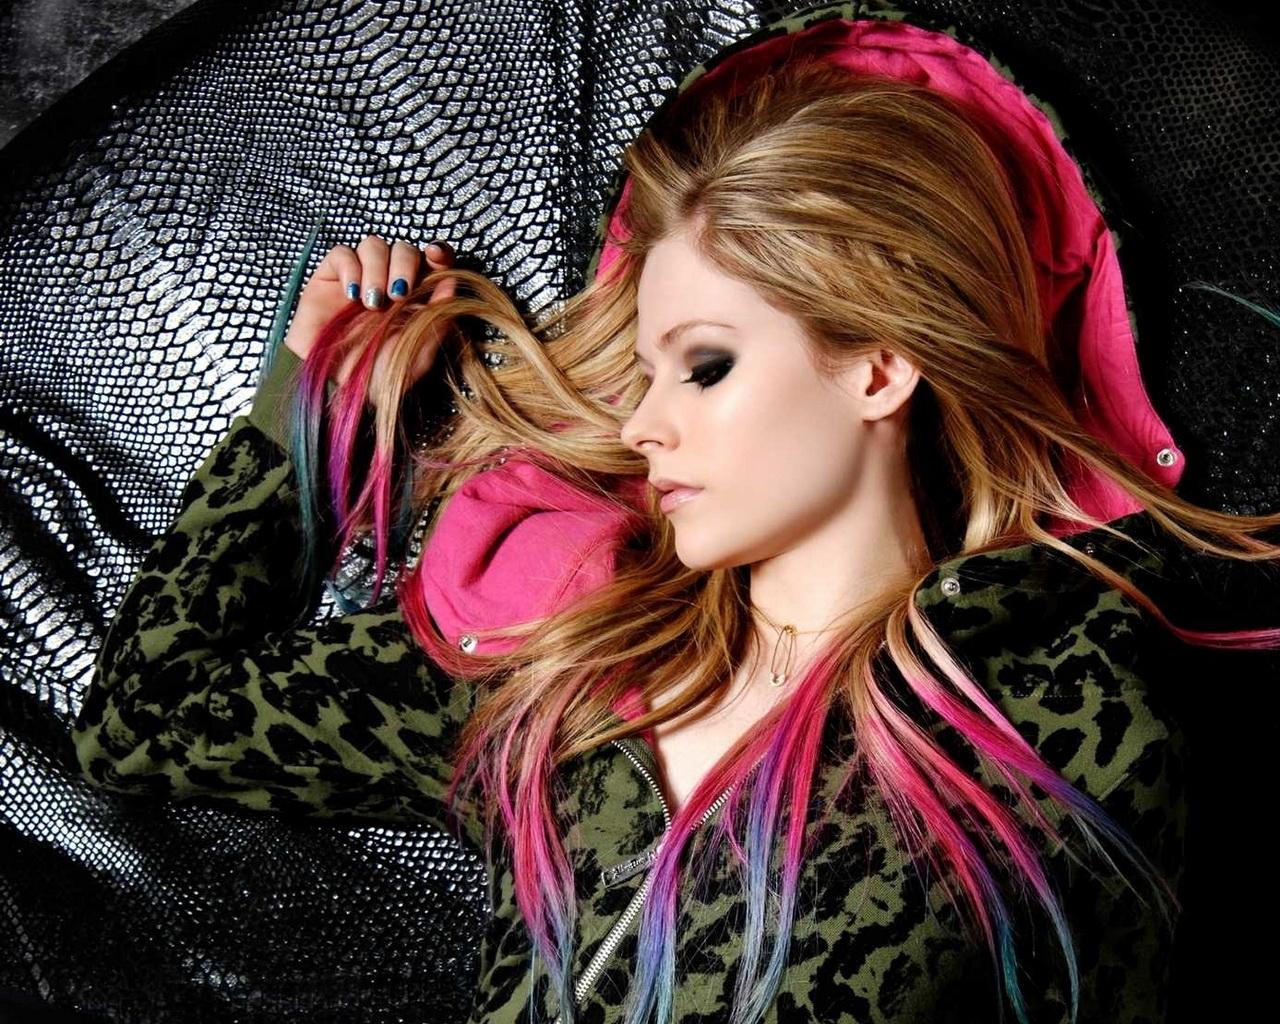 http://2.bp.blogspot.com/-c-scK2bgf3E/UNvNk9oqt1I/AAAAAAAAAJU/qRNqYcqFpxs/s1600/Avril+Lavigne+2.jpg